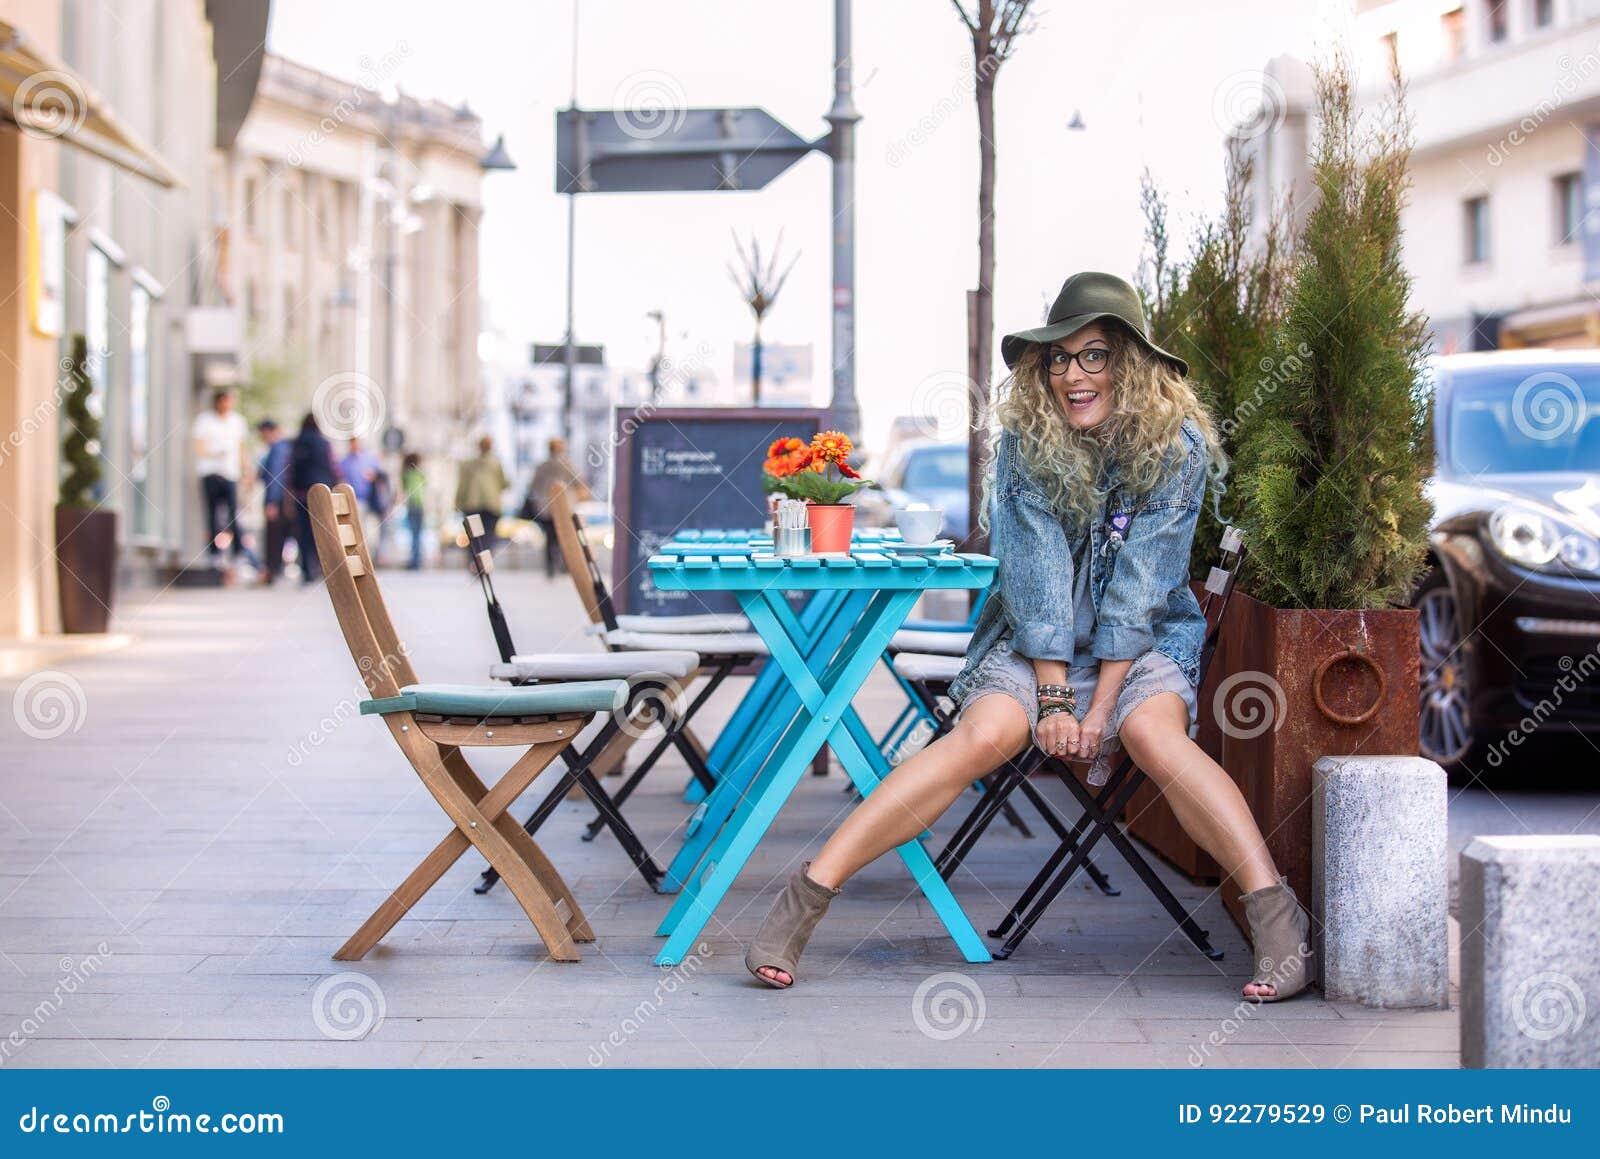 Τρελλό κορίτσι στον πίνακα που πίνει ένα φλιτζάνι του καφέ στην πόλη